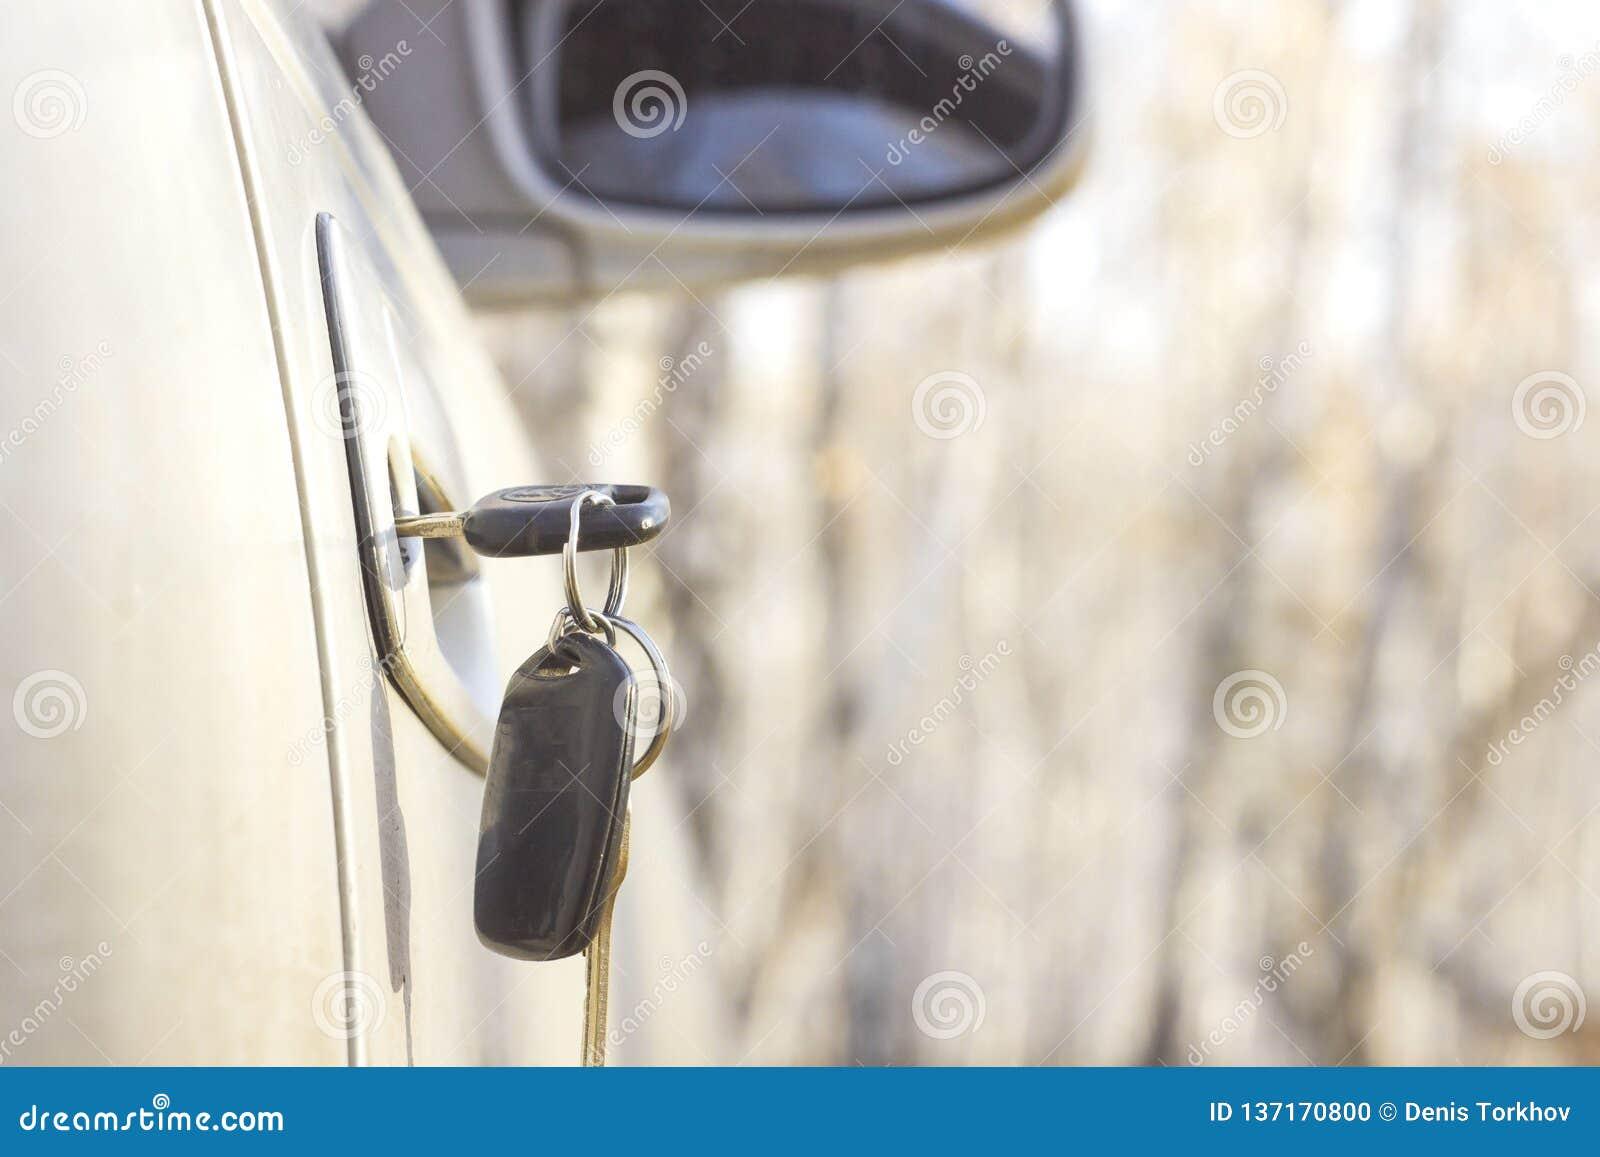 Vergeten autosleutels in de deur, een achtergrond van een onscherp de herfstbos met een bokeheffect